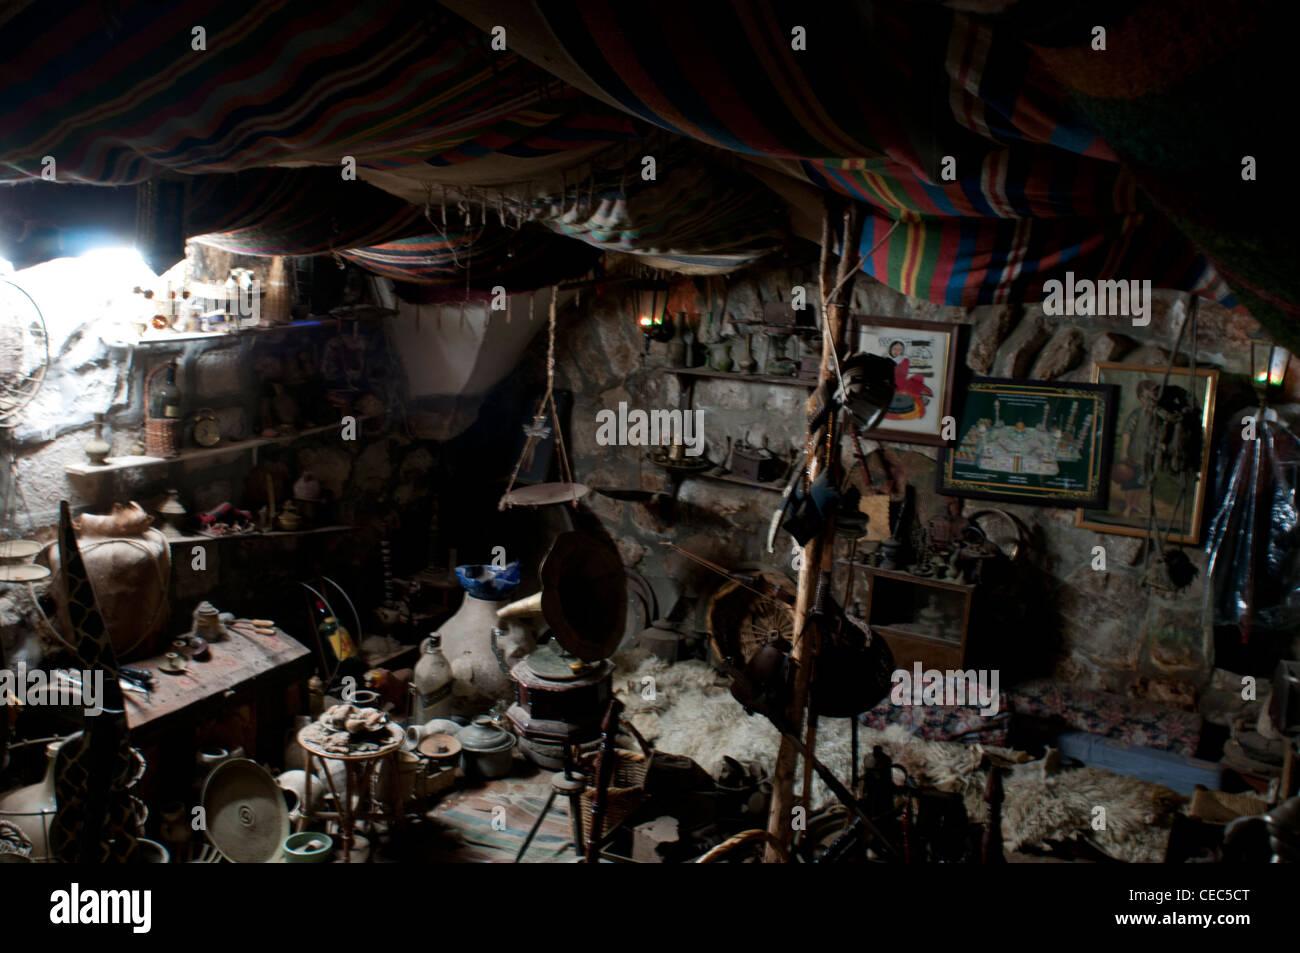 Palestina, Israele, vecchio tradizionale essenza e specie shop. Immagini Stock